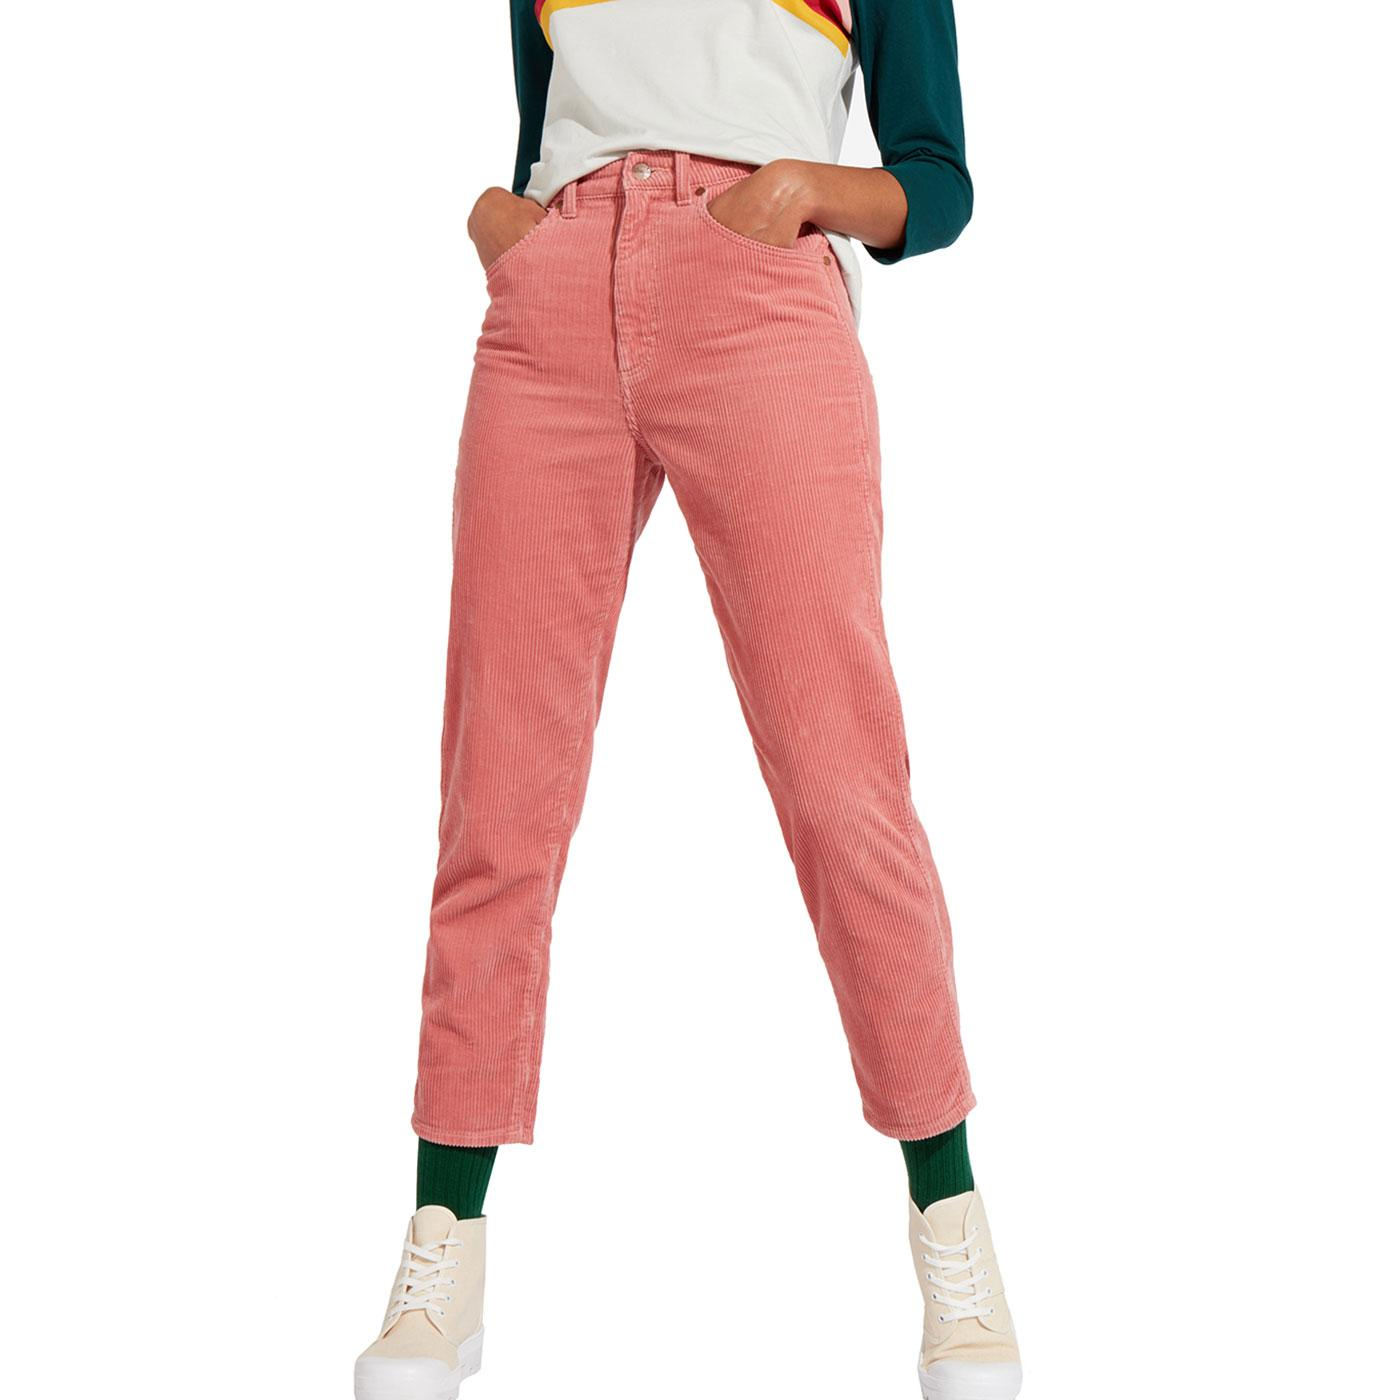 WRANGLER Retro High Waist Corduroy Mom Jeans A